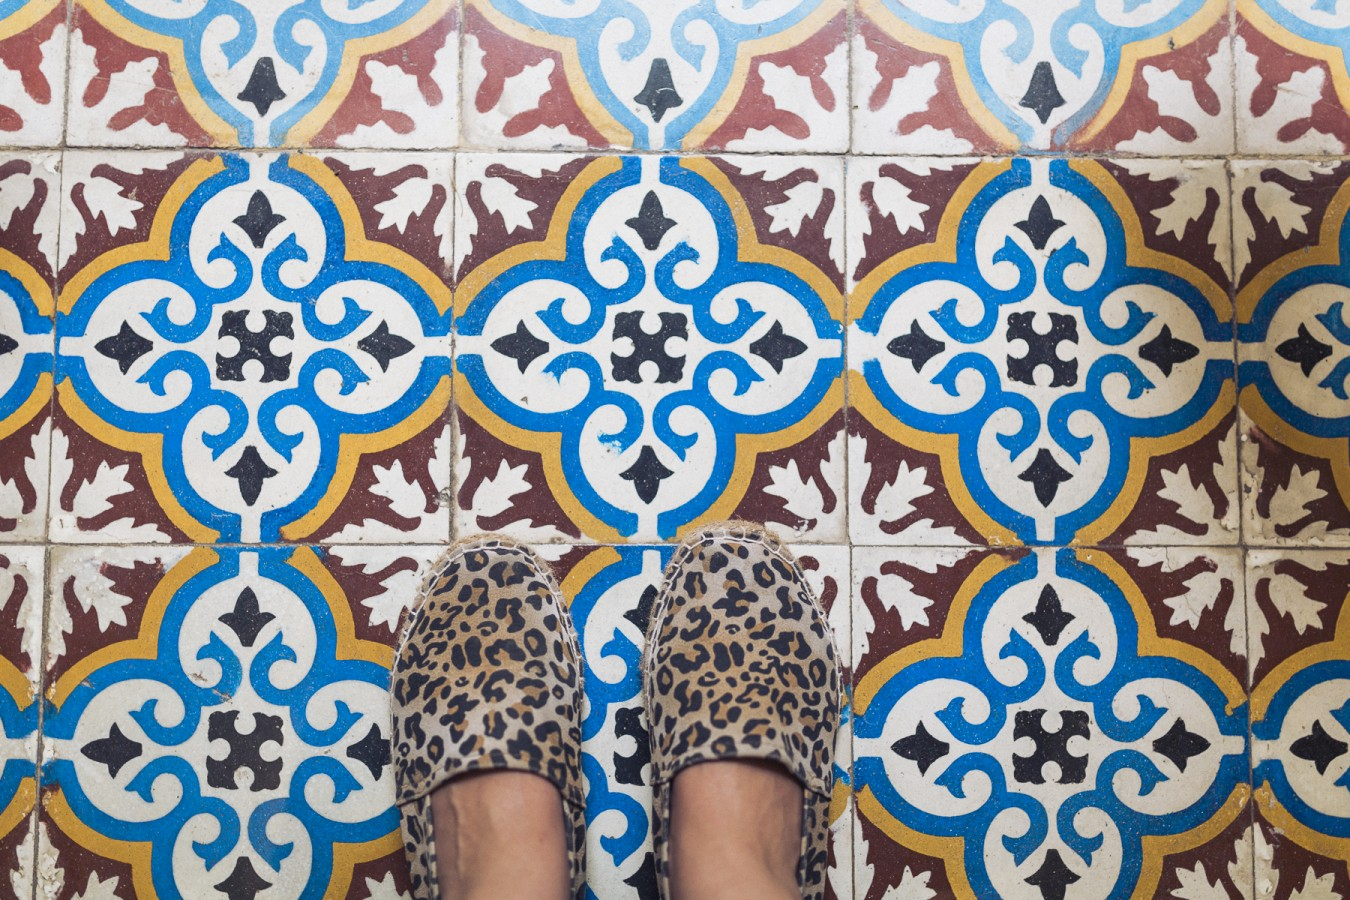 destination-wedding-photography-marrakech-morocco154-1350x900.jpg